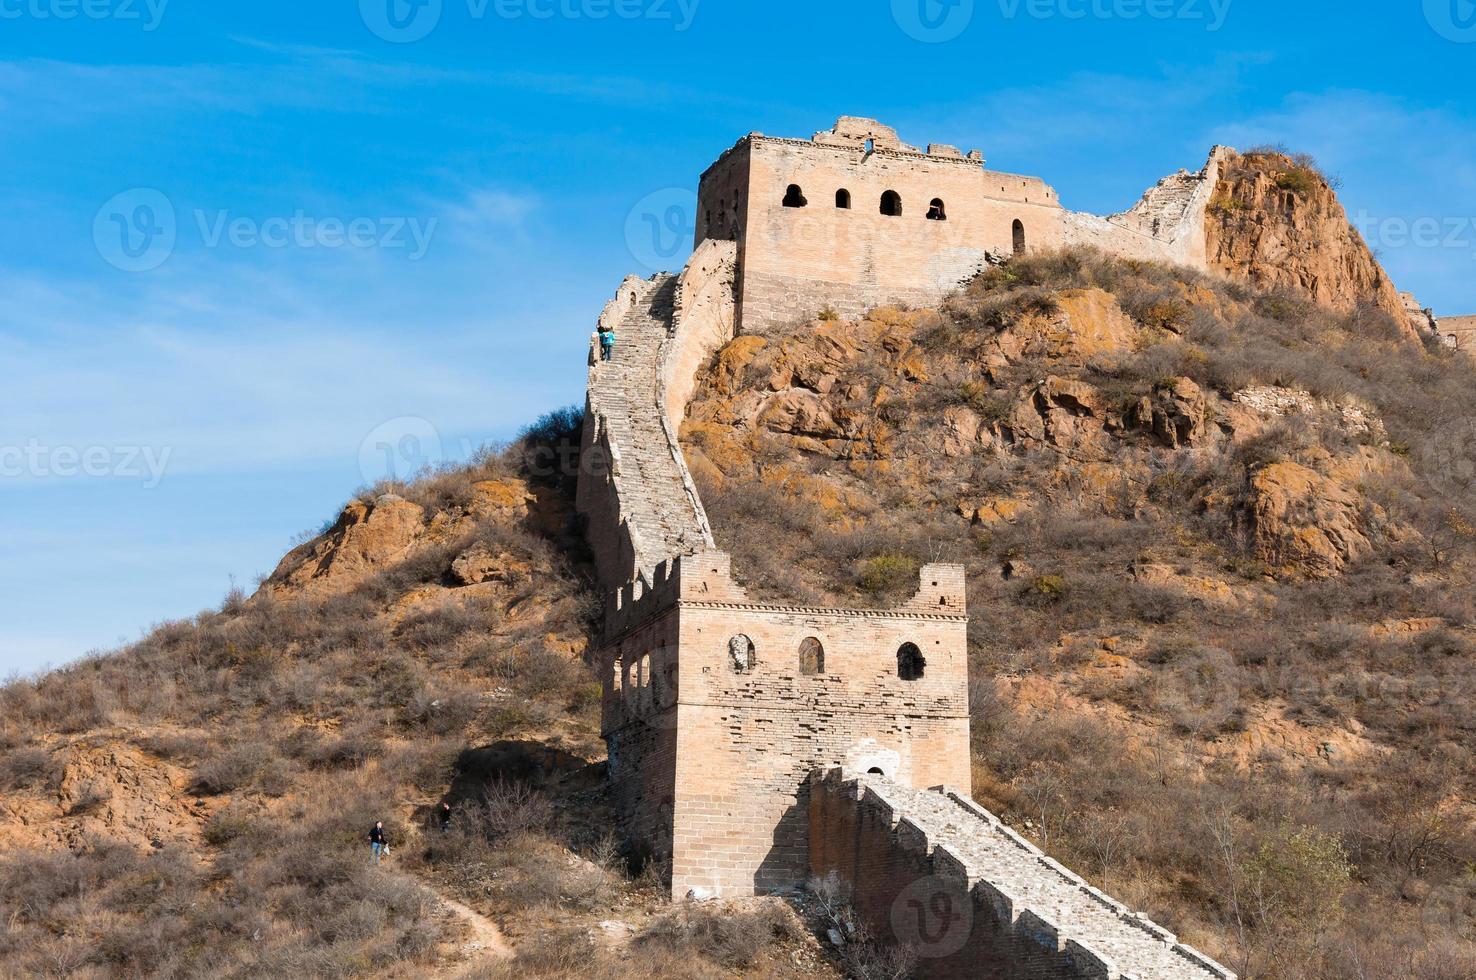 de grote muur van China bij Jinshanling. foto